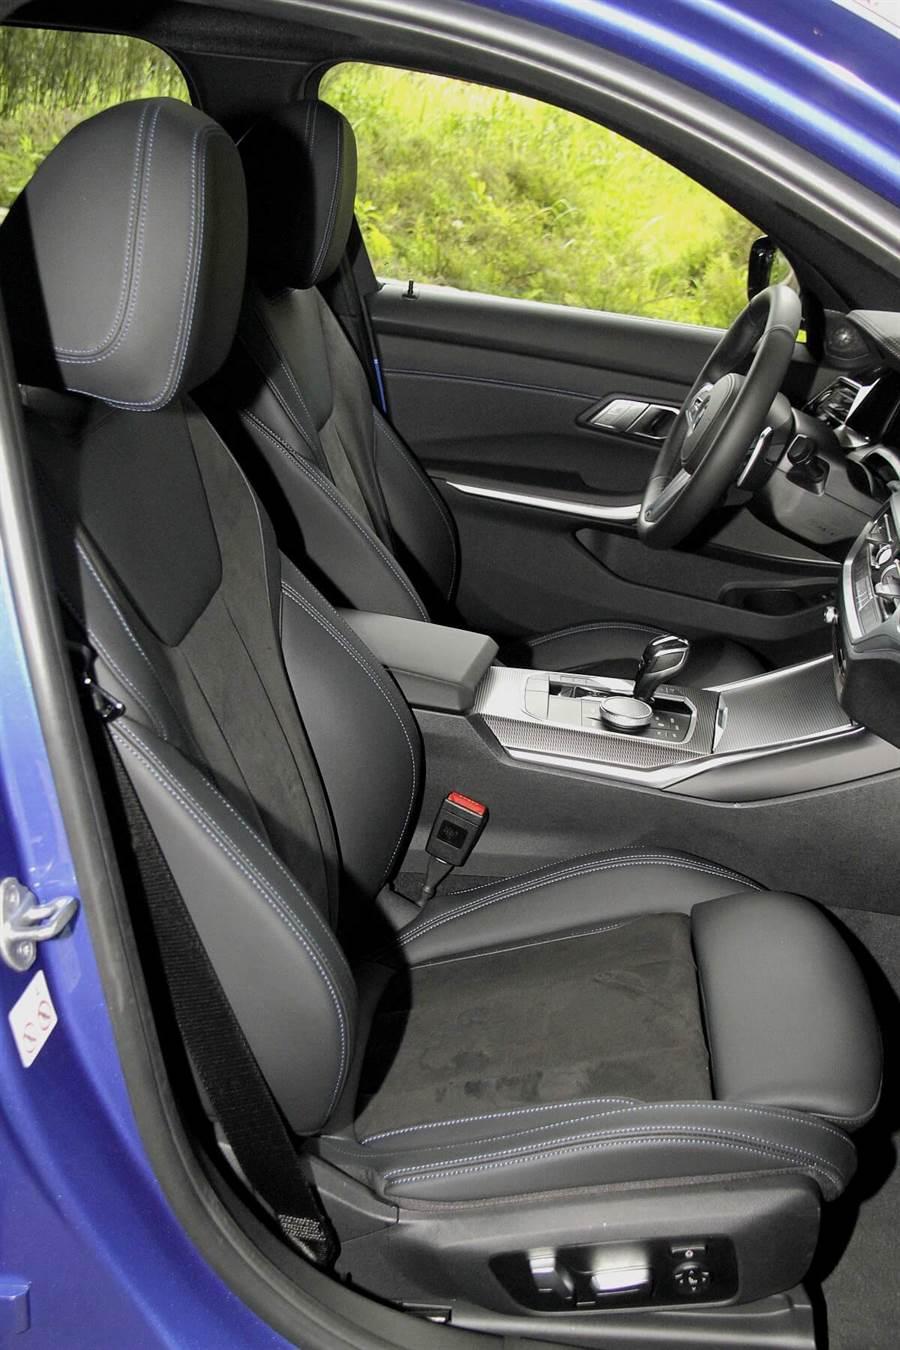 標準配備的Alcantara麂皮/Sensatec皮質混搭跑車座椅,具有相當優異的背部摩擦力,以及大角度的側面包覆,並且有電動夾腰的功能,都是「扶持」殺彎的好設計。